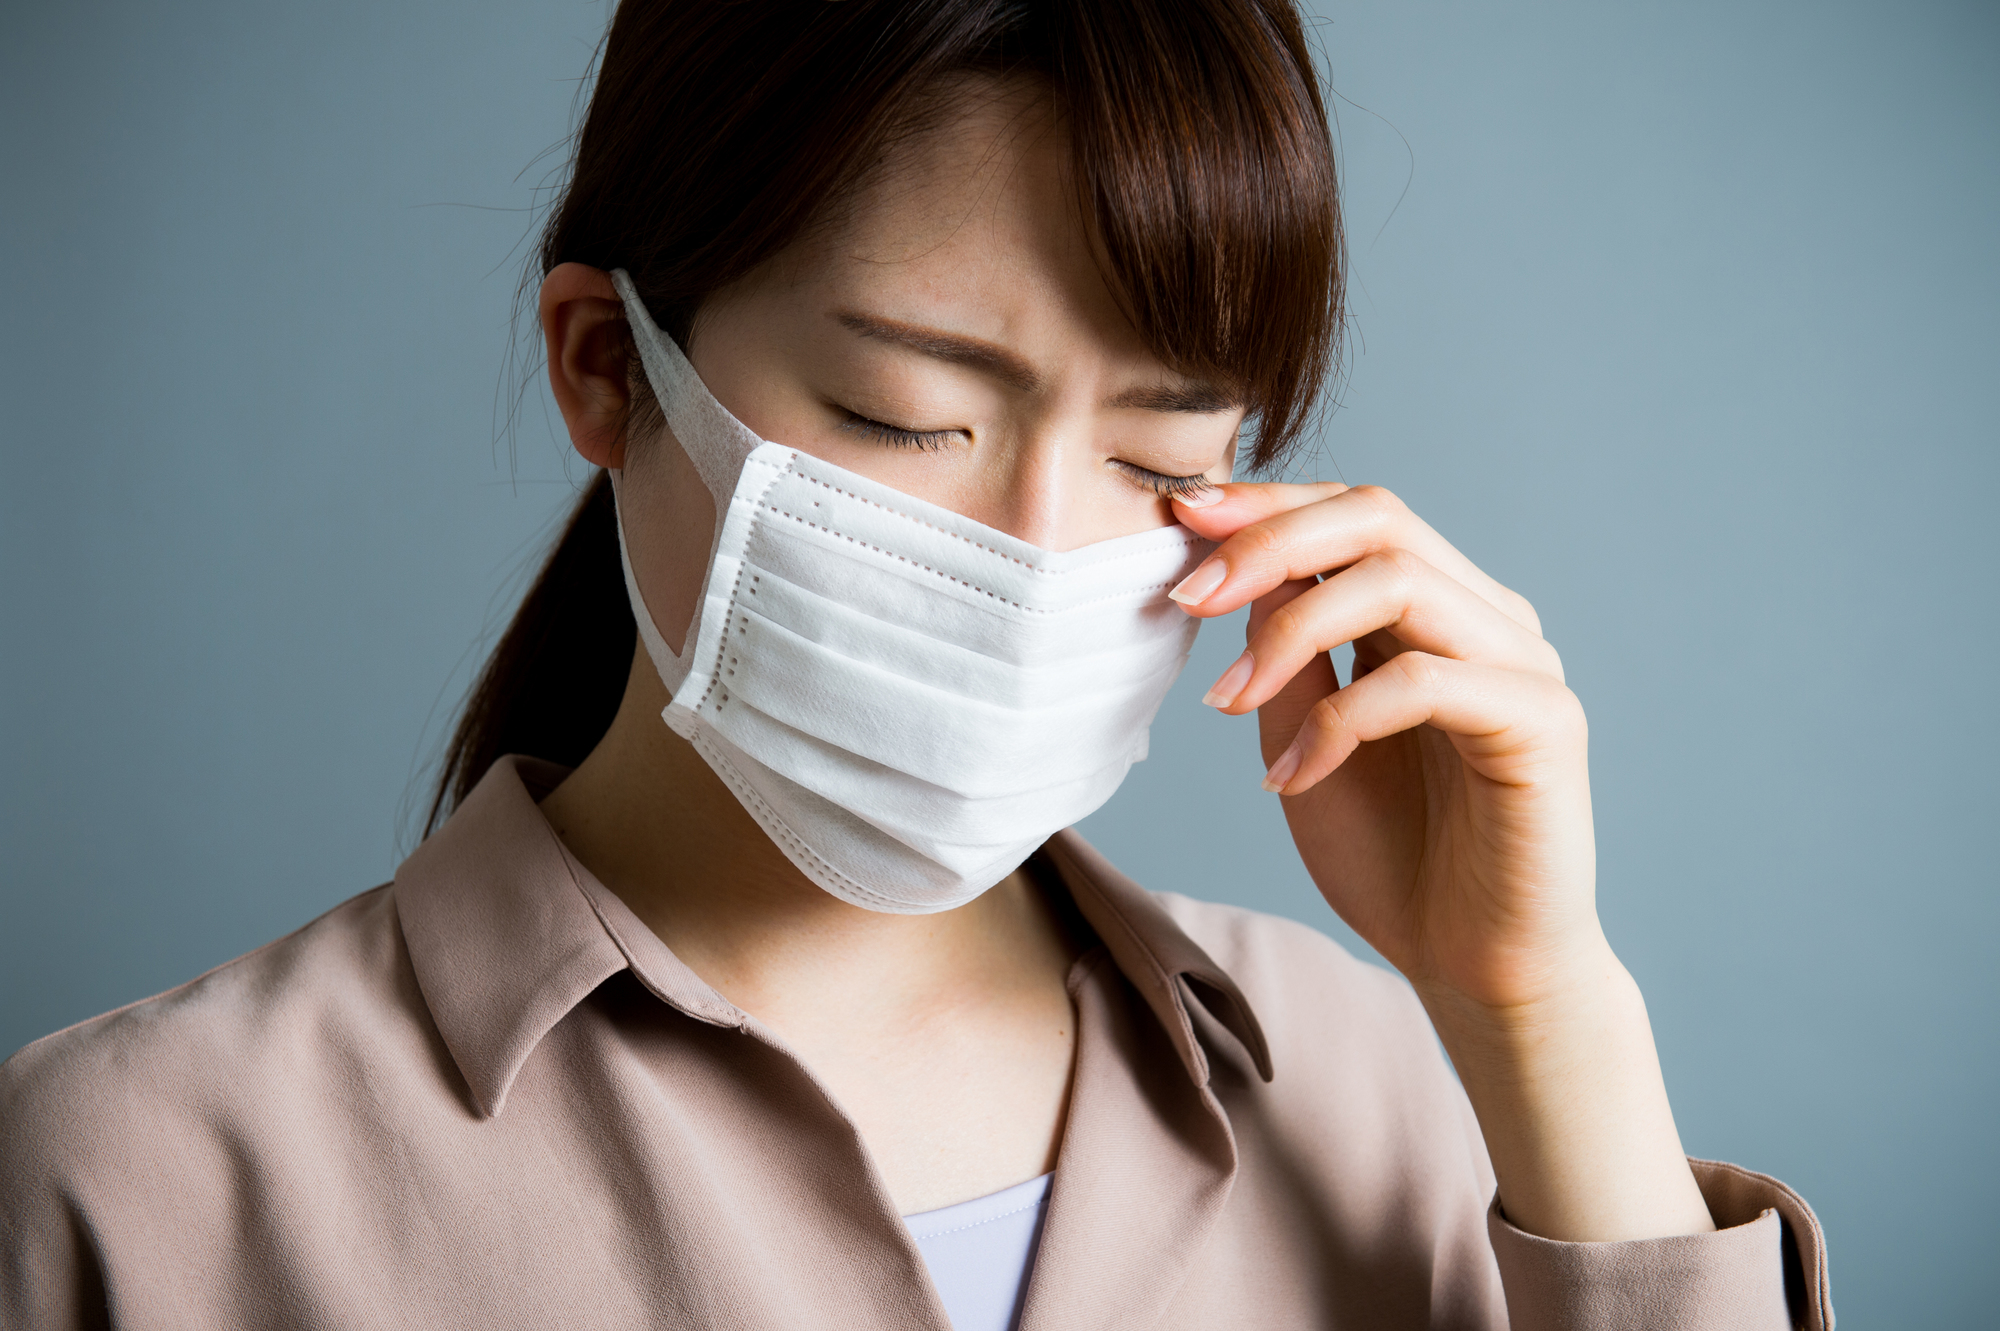 アレルギーに悩む女性が増えている